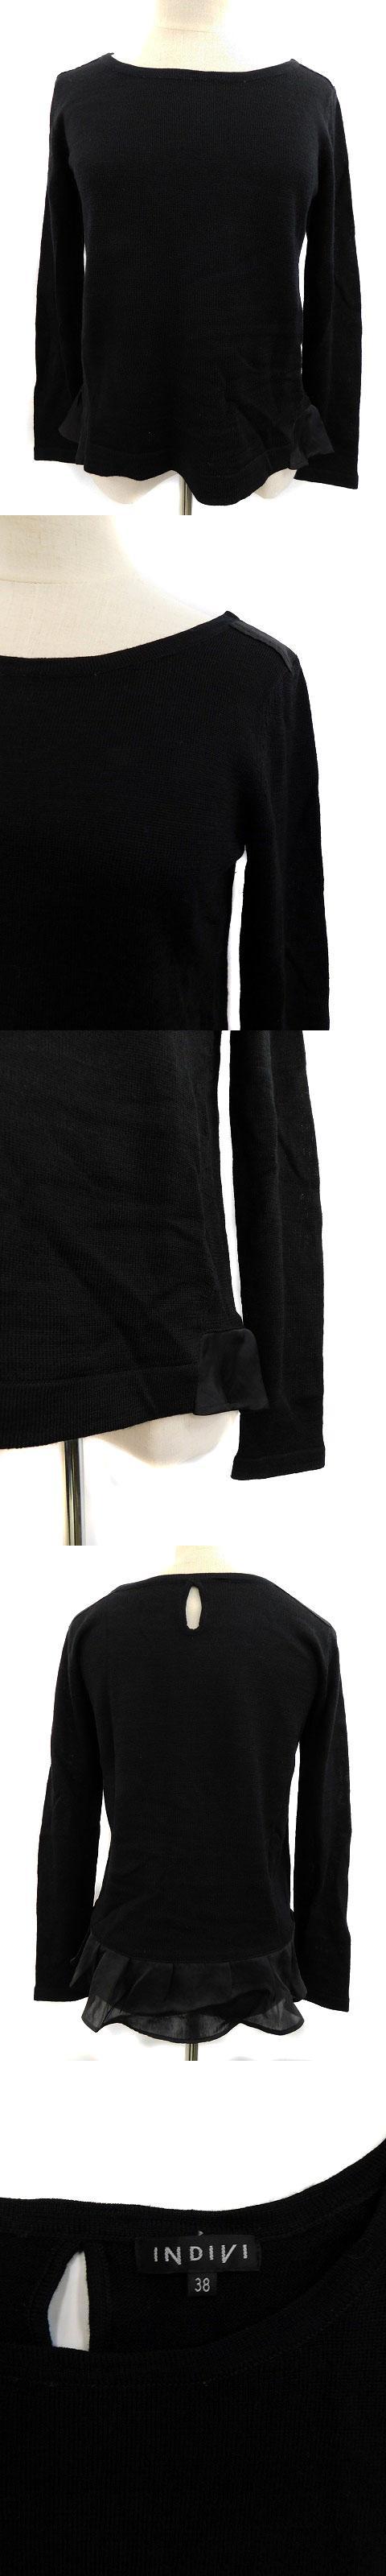 セーター ニット プルオーバー ボートネック 長袖 38 黒 ブラック